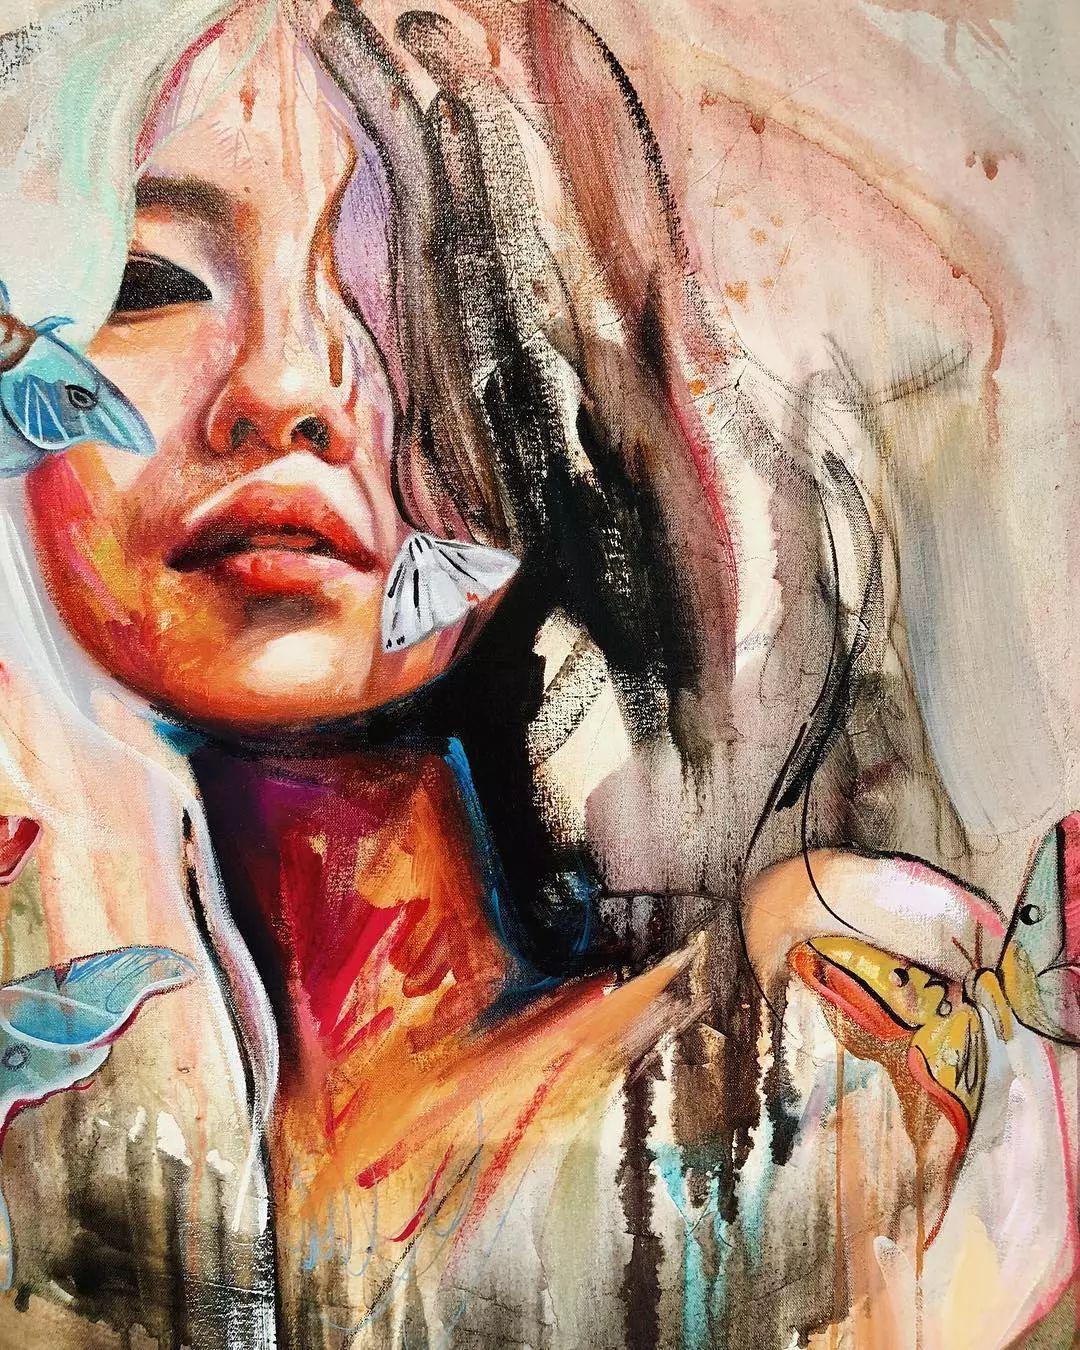 12岁开始画画 16岁就卖画赚100万——希腊小画家Dimitra Milan插图35